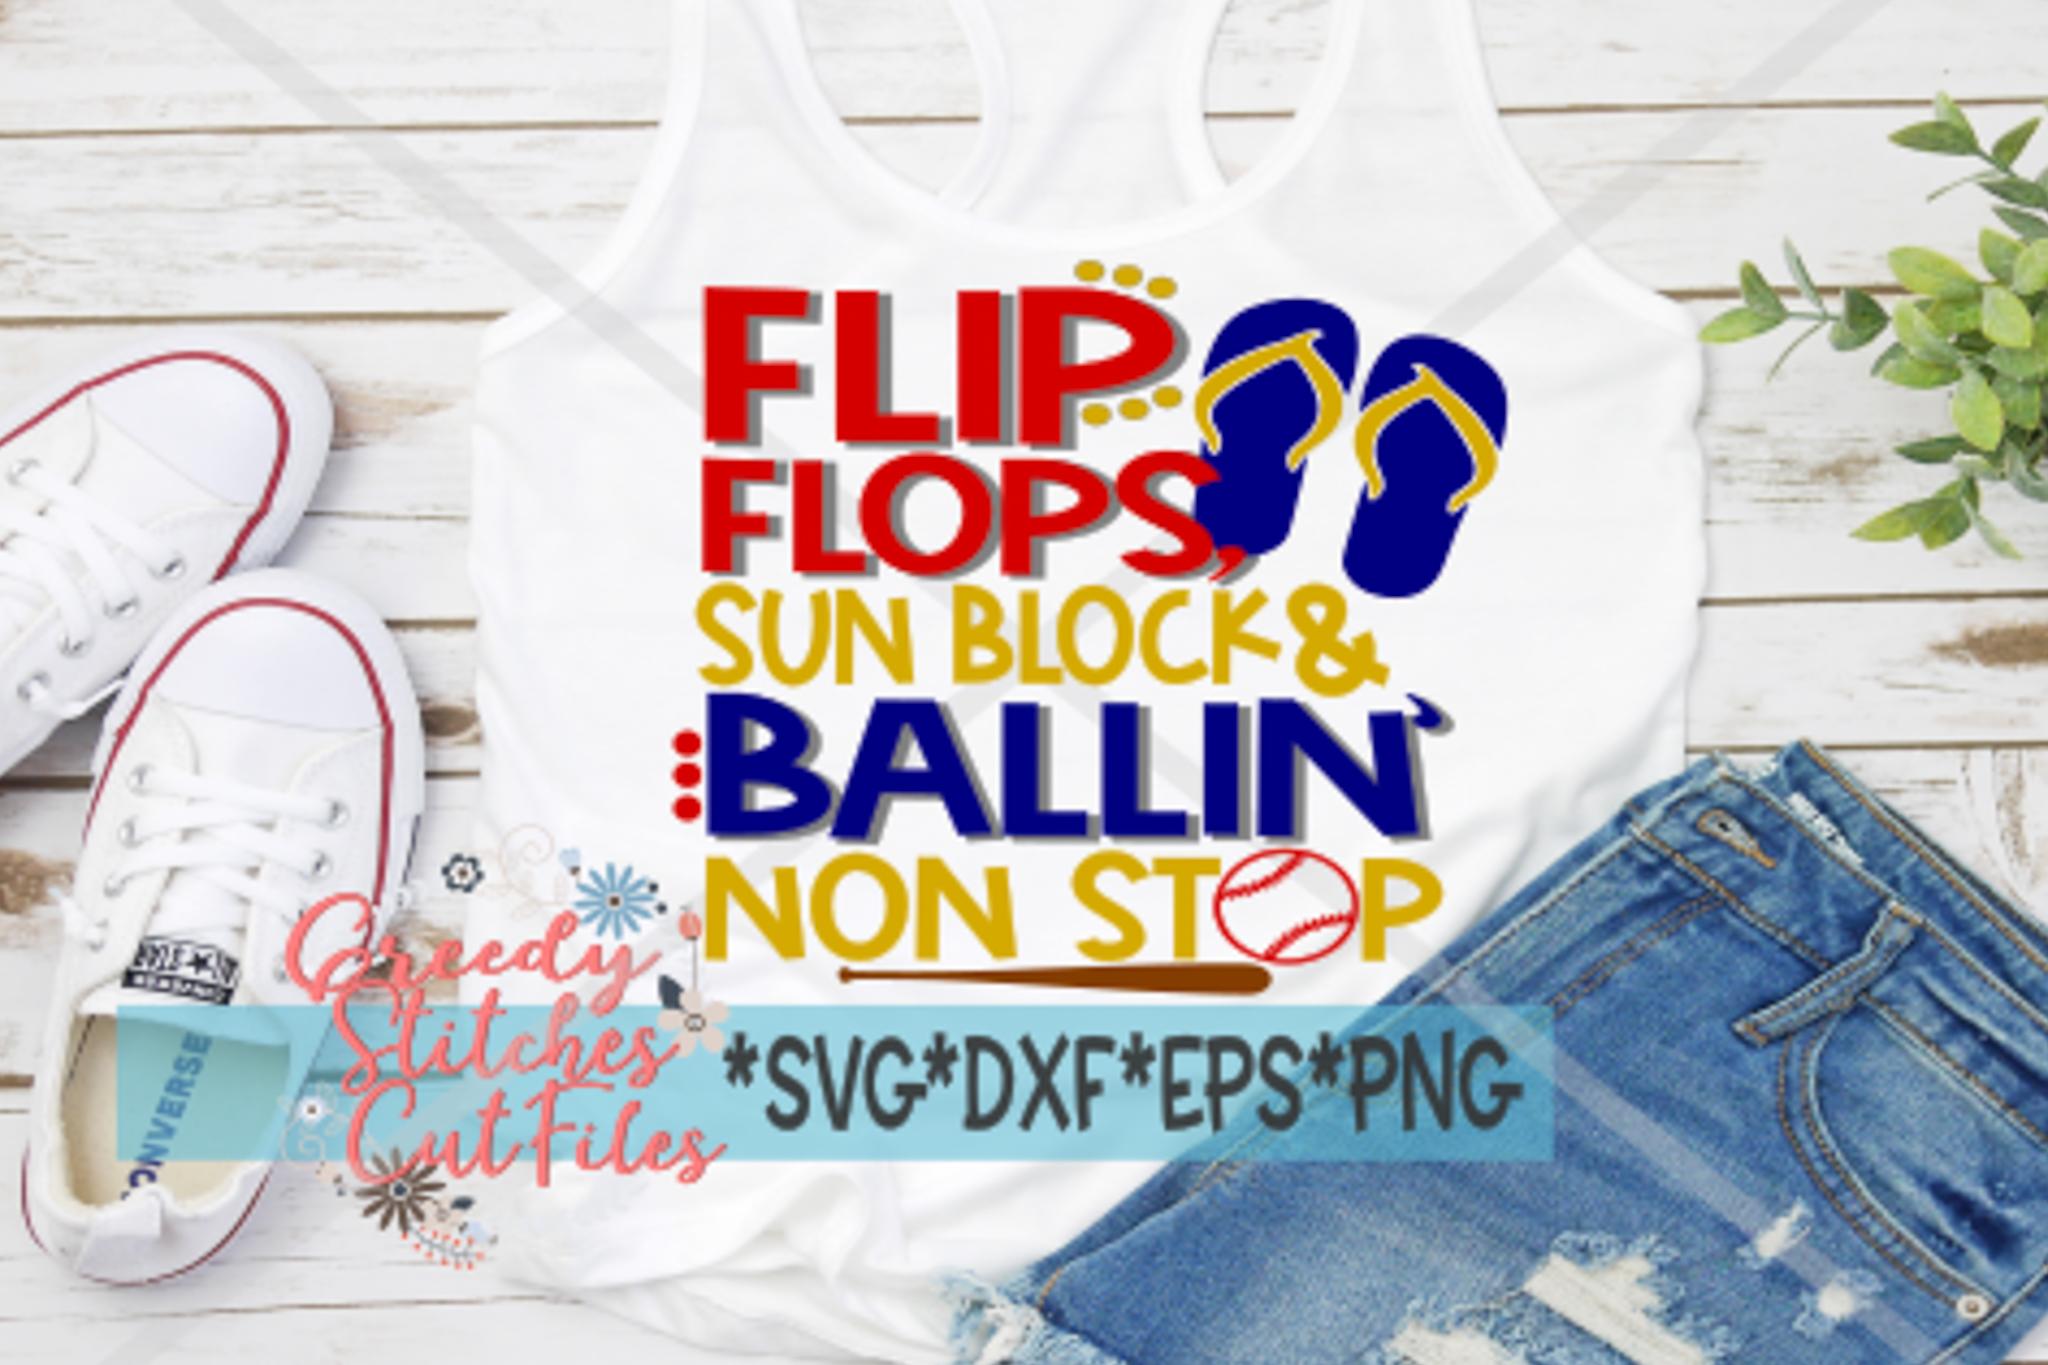 Flip Flops Sun Block Ballin' Non Stop SVG Baseball Softball example image 2